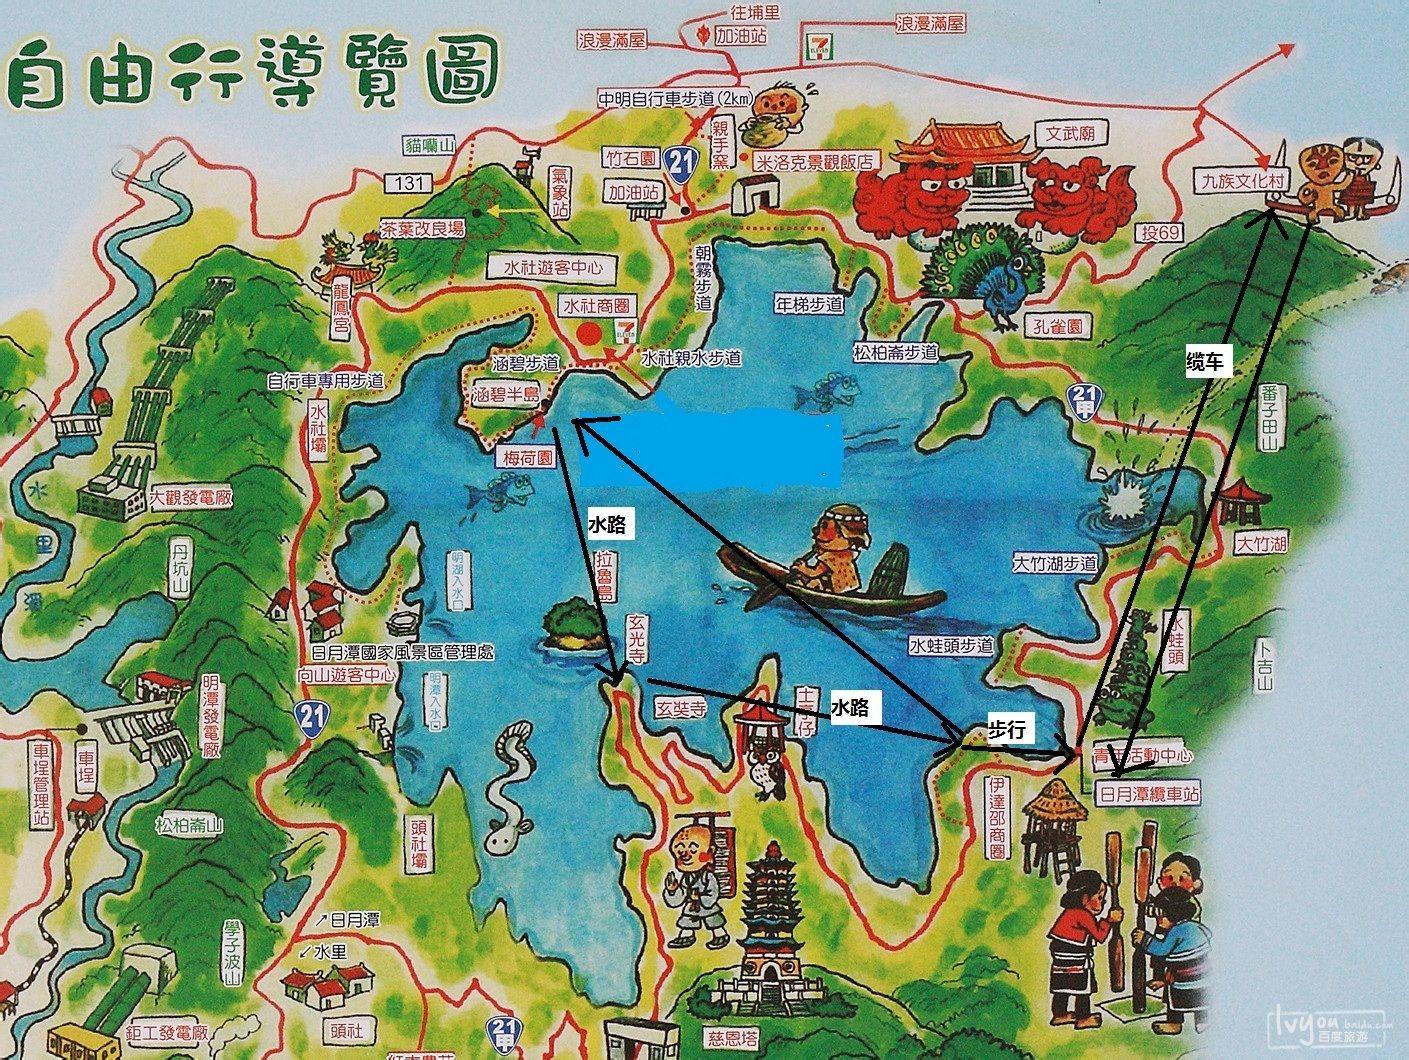 2013年3月 台湾环岛自由行